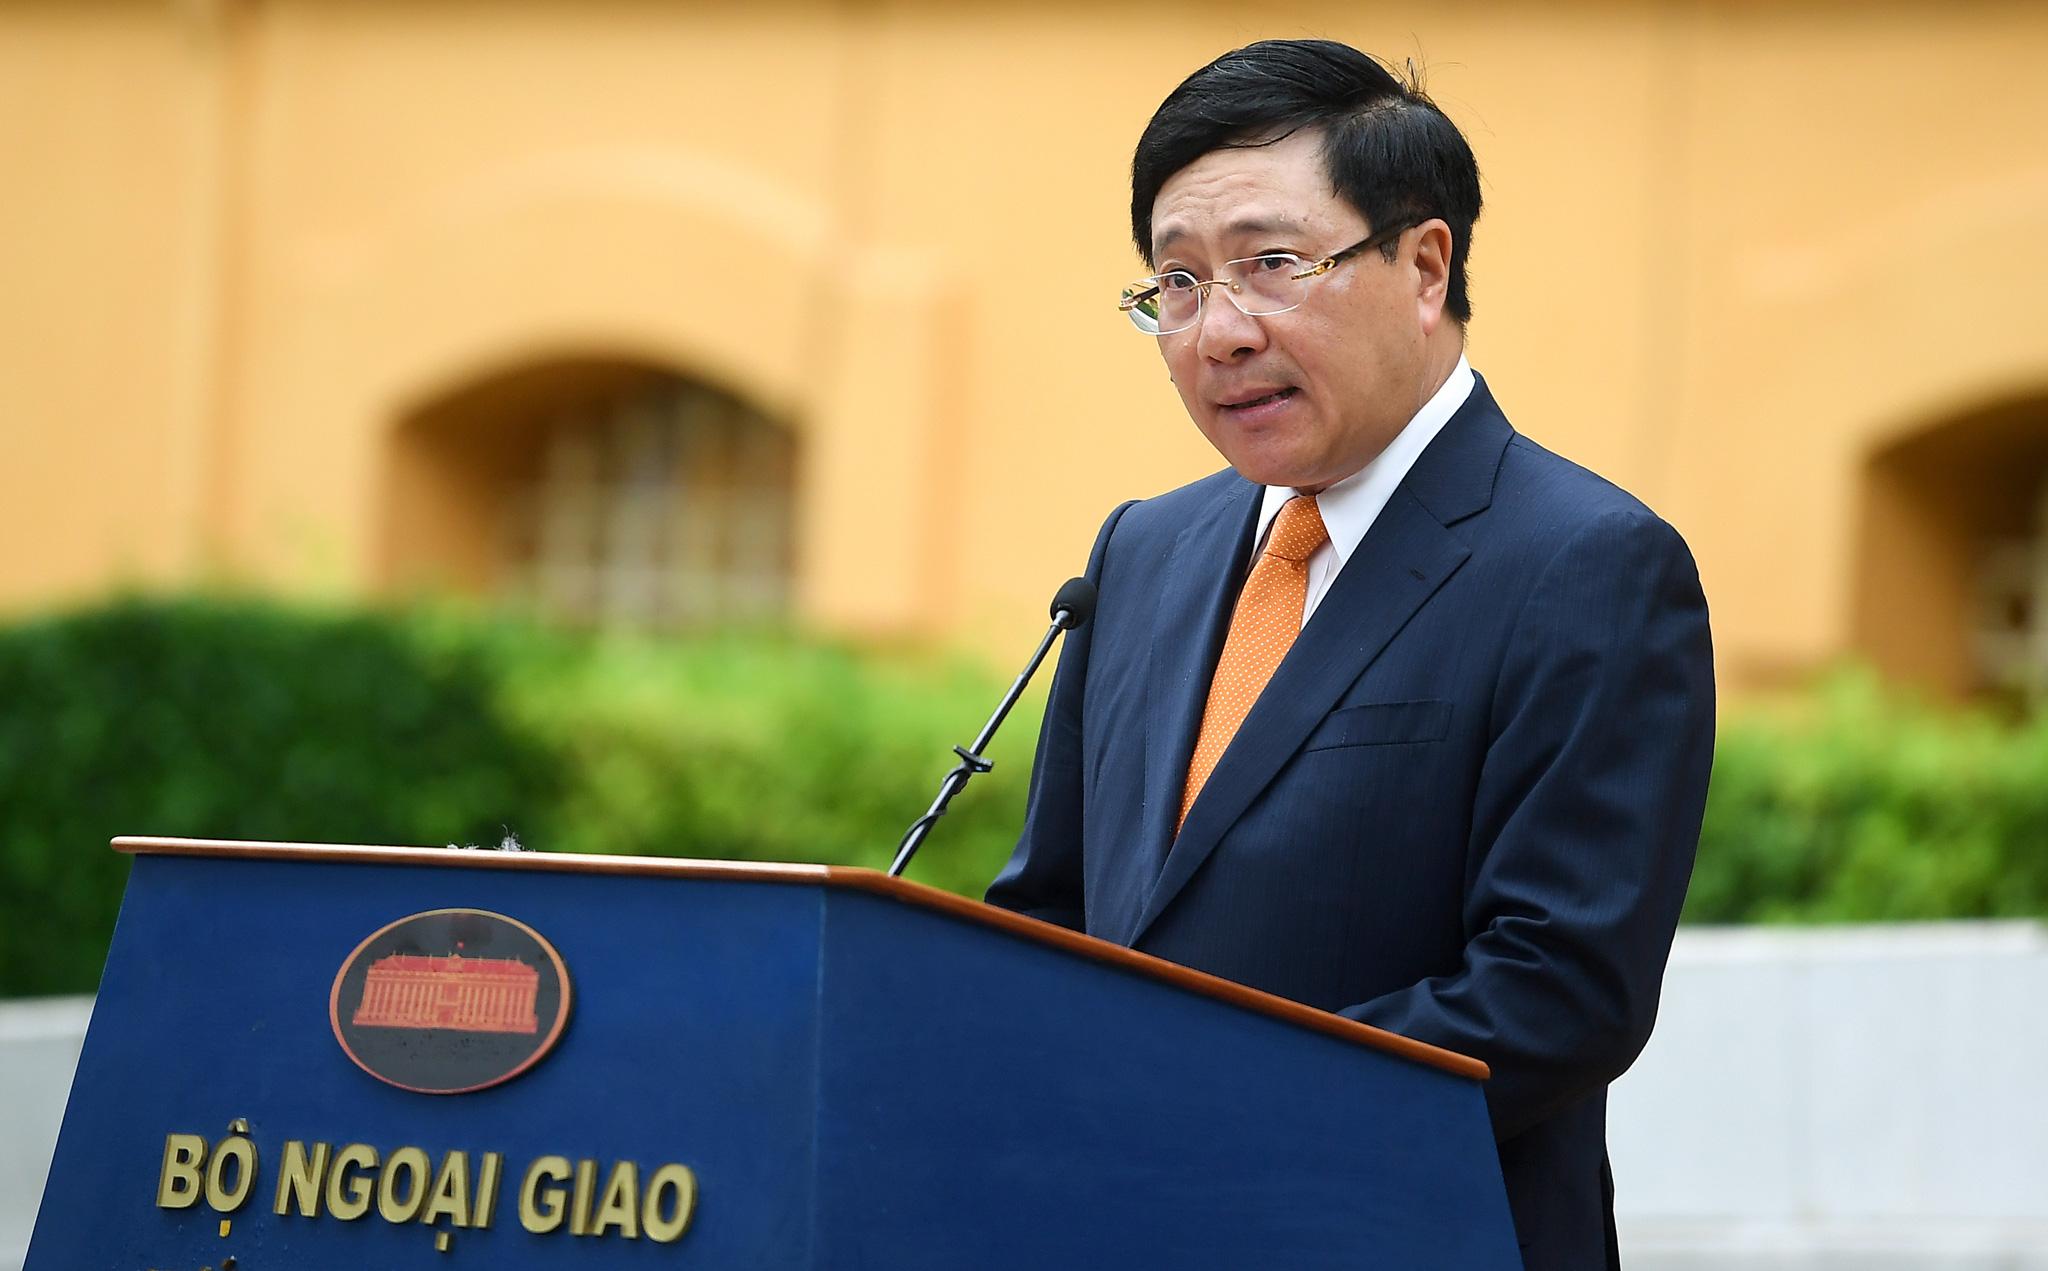 Phó Thủ tướng Phạm Bình Minh: ASEAN đã tiến một bước dài, từ chia rẽ đến hòa thuận